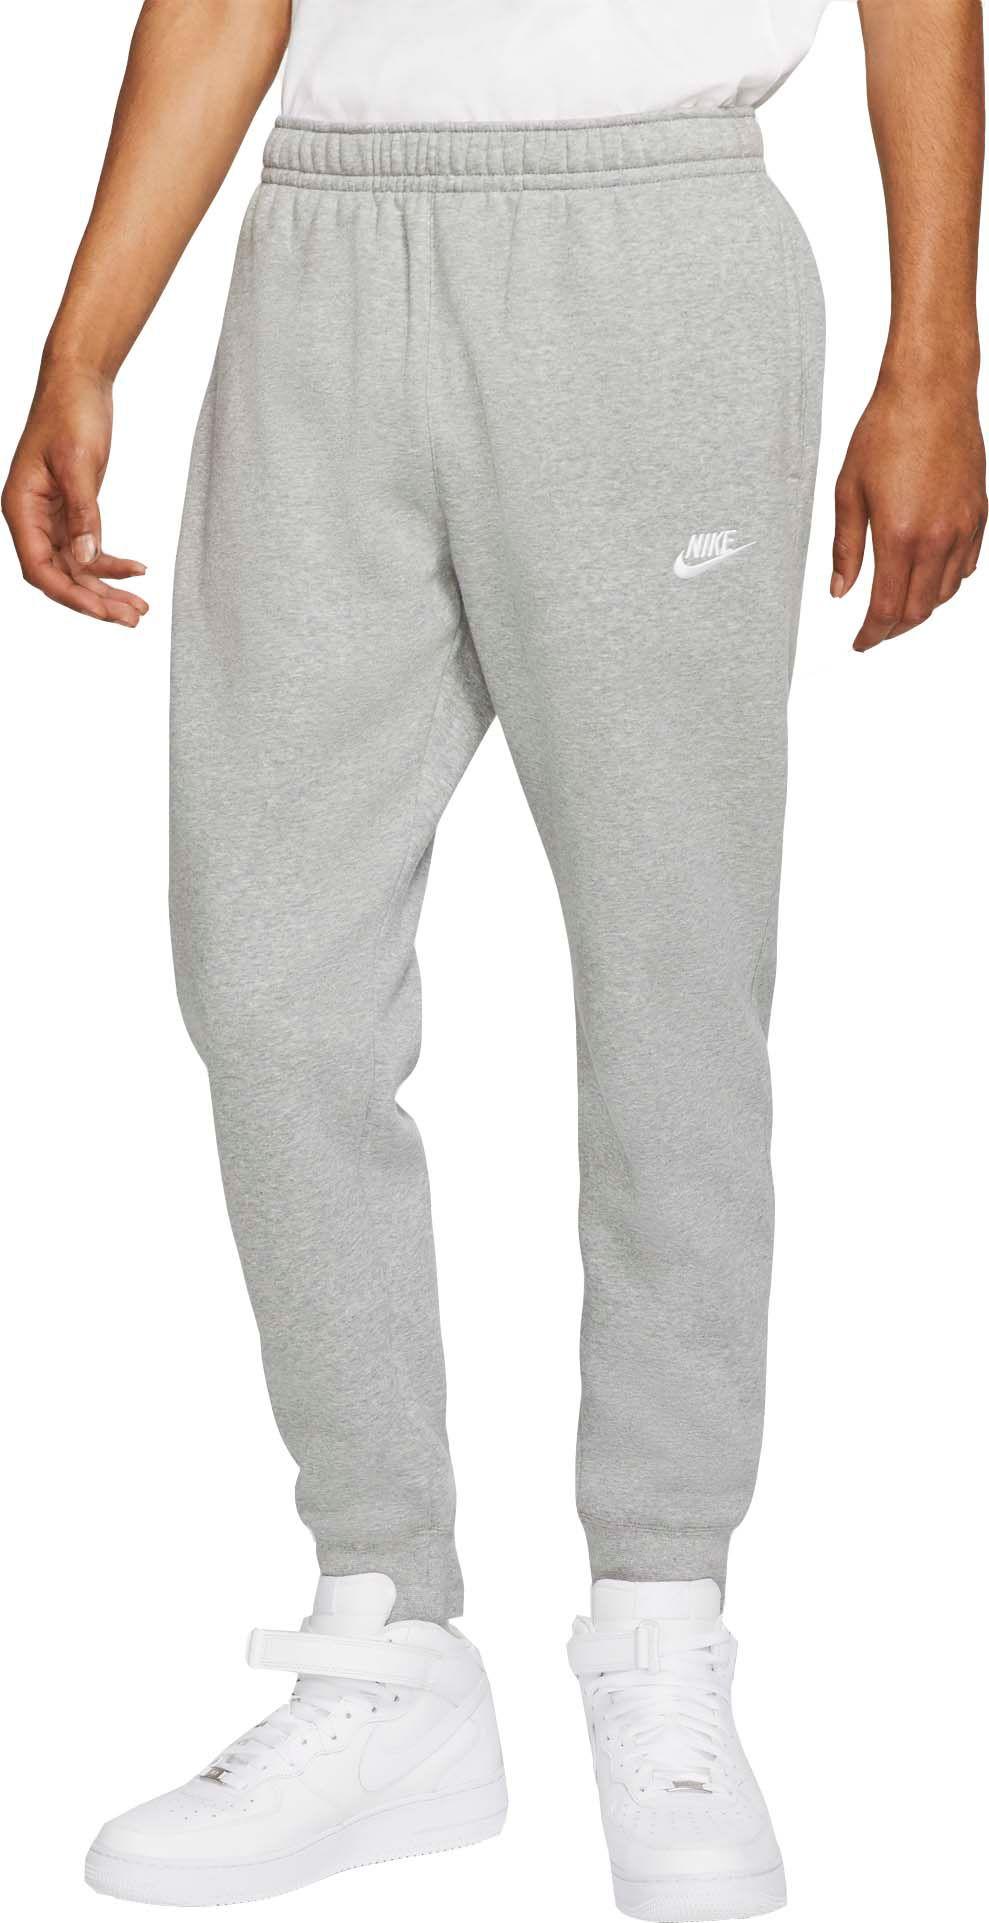 07a8ebf2d2 Nike Men's Sportswear Club Fleece Joggers